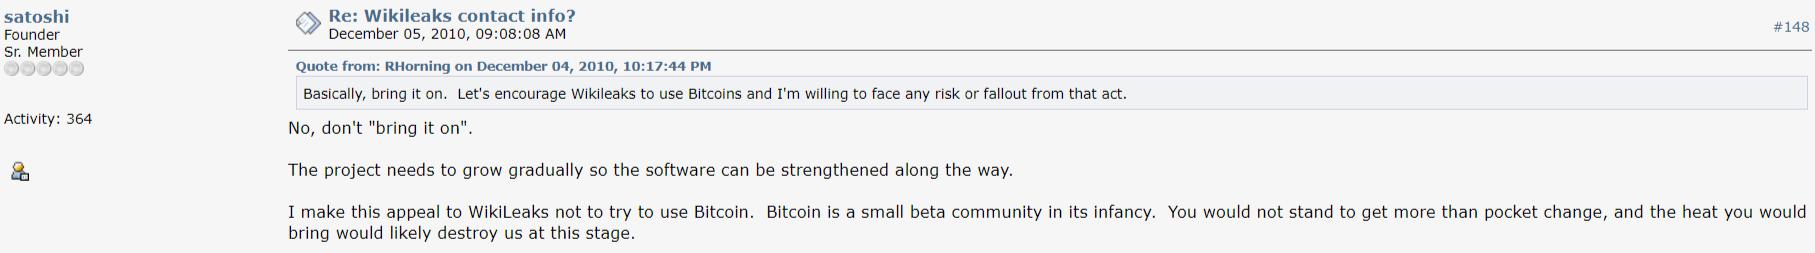 Satoshi Nakamoto Bitcoin WikiLeaks comment